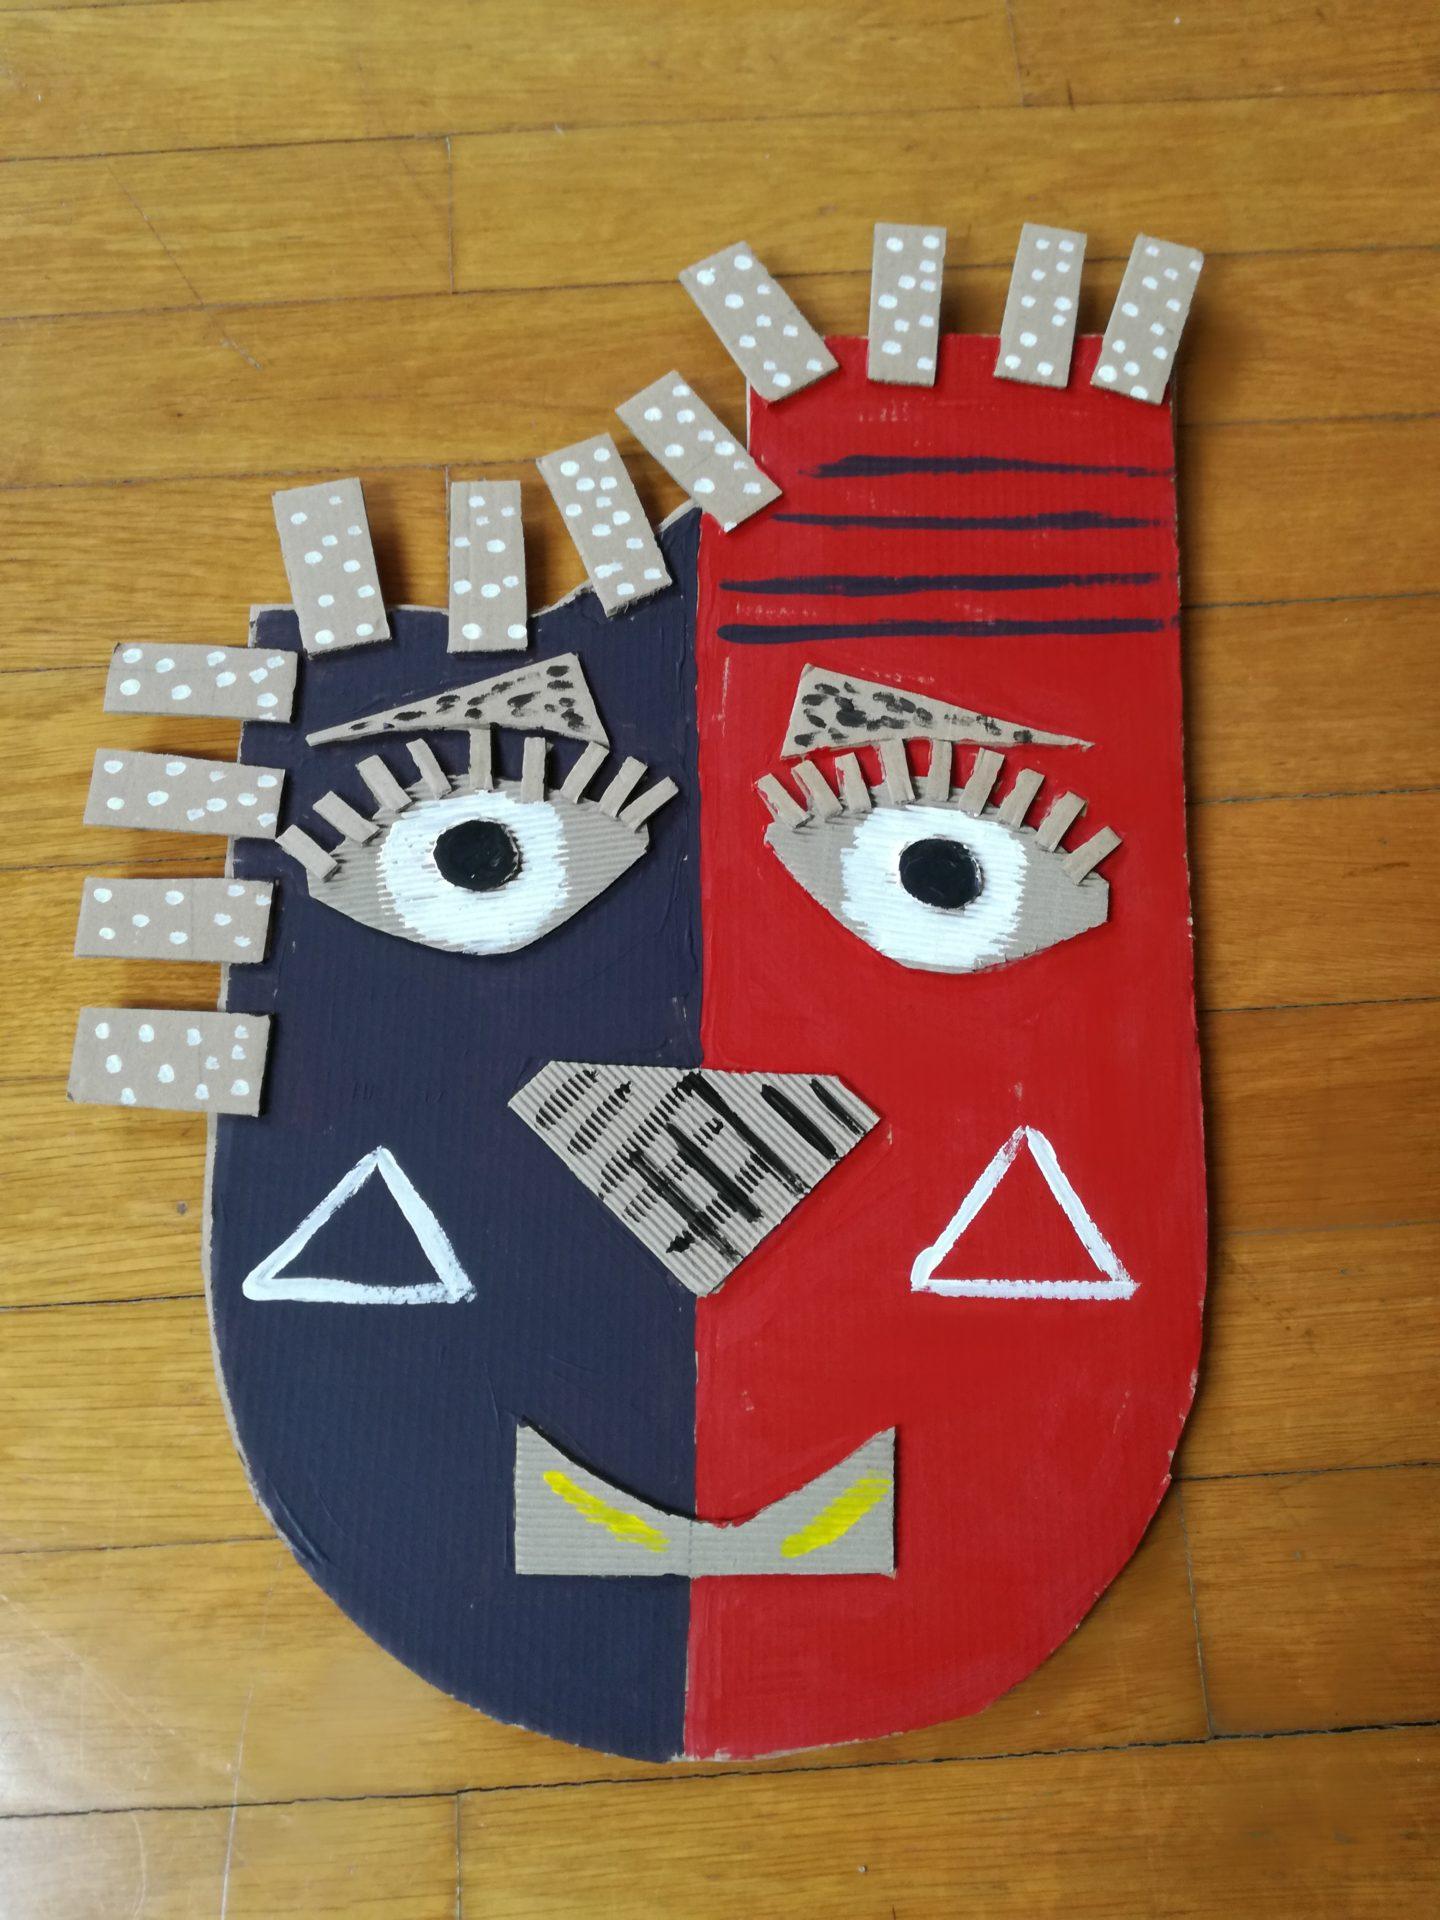 IMG 20200217 144214 - Počitniški tečaj izdelovanja mask v knjižnici